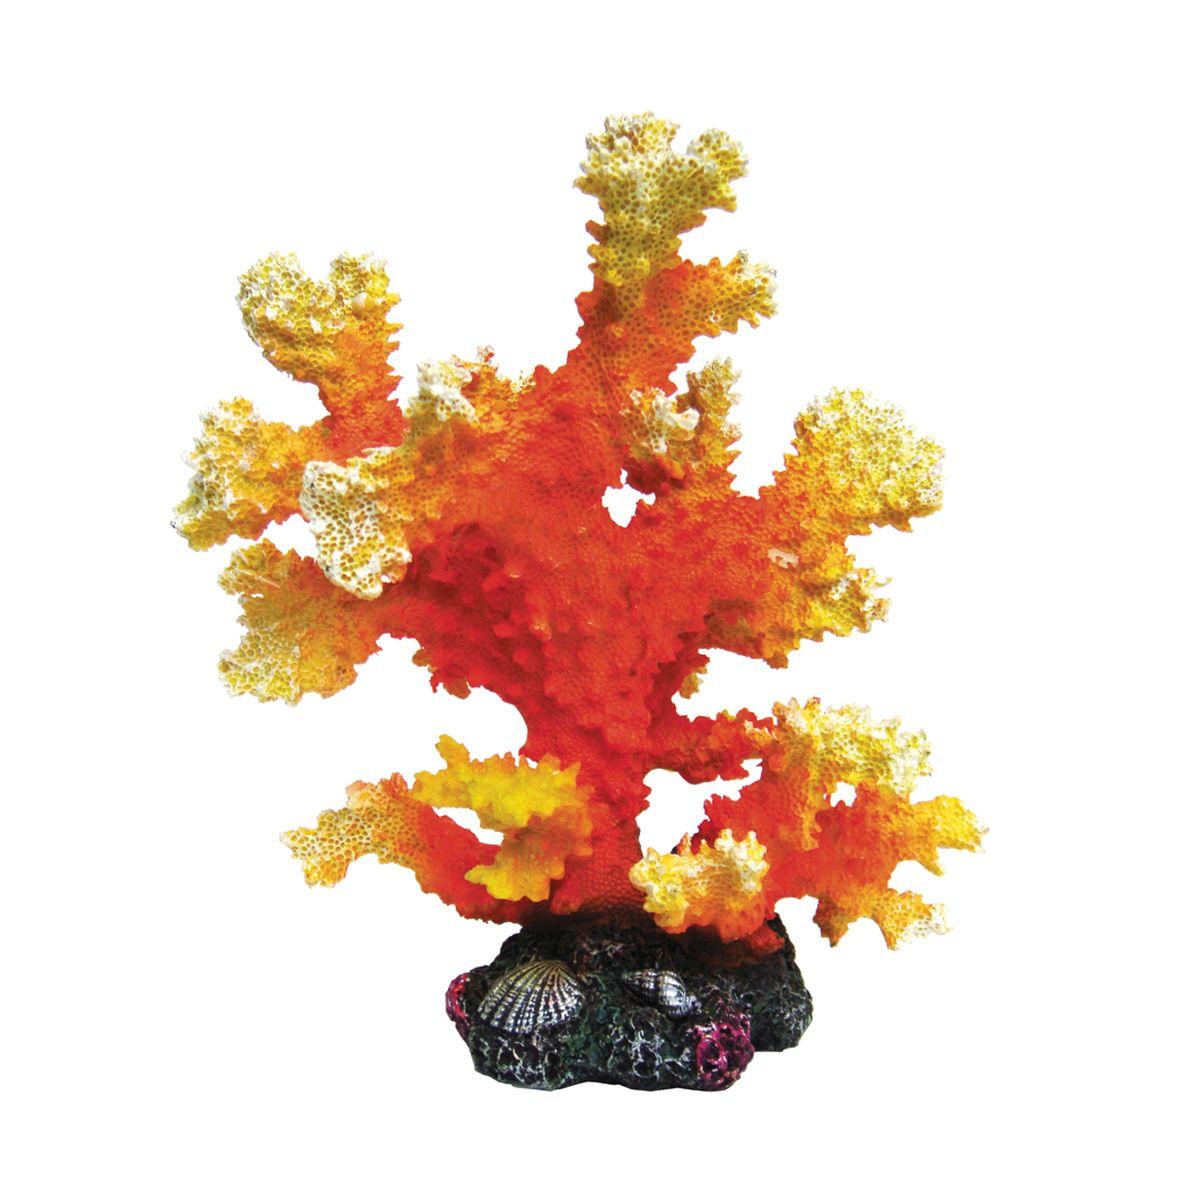 Декорация для аквариума ArtUniq Оранжевый коралл, 14,5 x 13 x 16 см0120710Декорация ArtUniq – это яркая и важная часть любой композиции, она поможет вдохнуть жизнь в ландшафт любого аквариума или террариума. Декорация безопасна для обитателей аквариума, она не меняет параметры воды. Многие обитатели аквариума часто используют декорации как укрытия, в которых они живут и размножаются. Благодаря декорациям ArtUniq вы сможете создать прекрасный пейзаж на дне вашего аквариума или террариума.